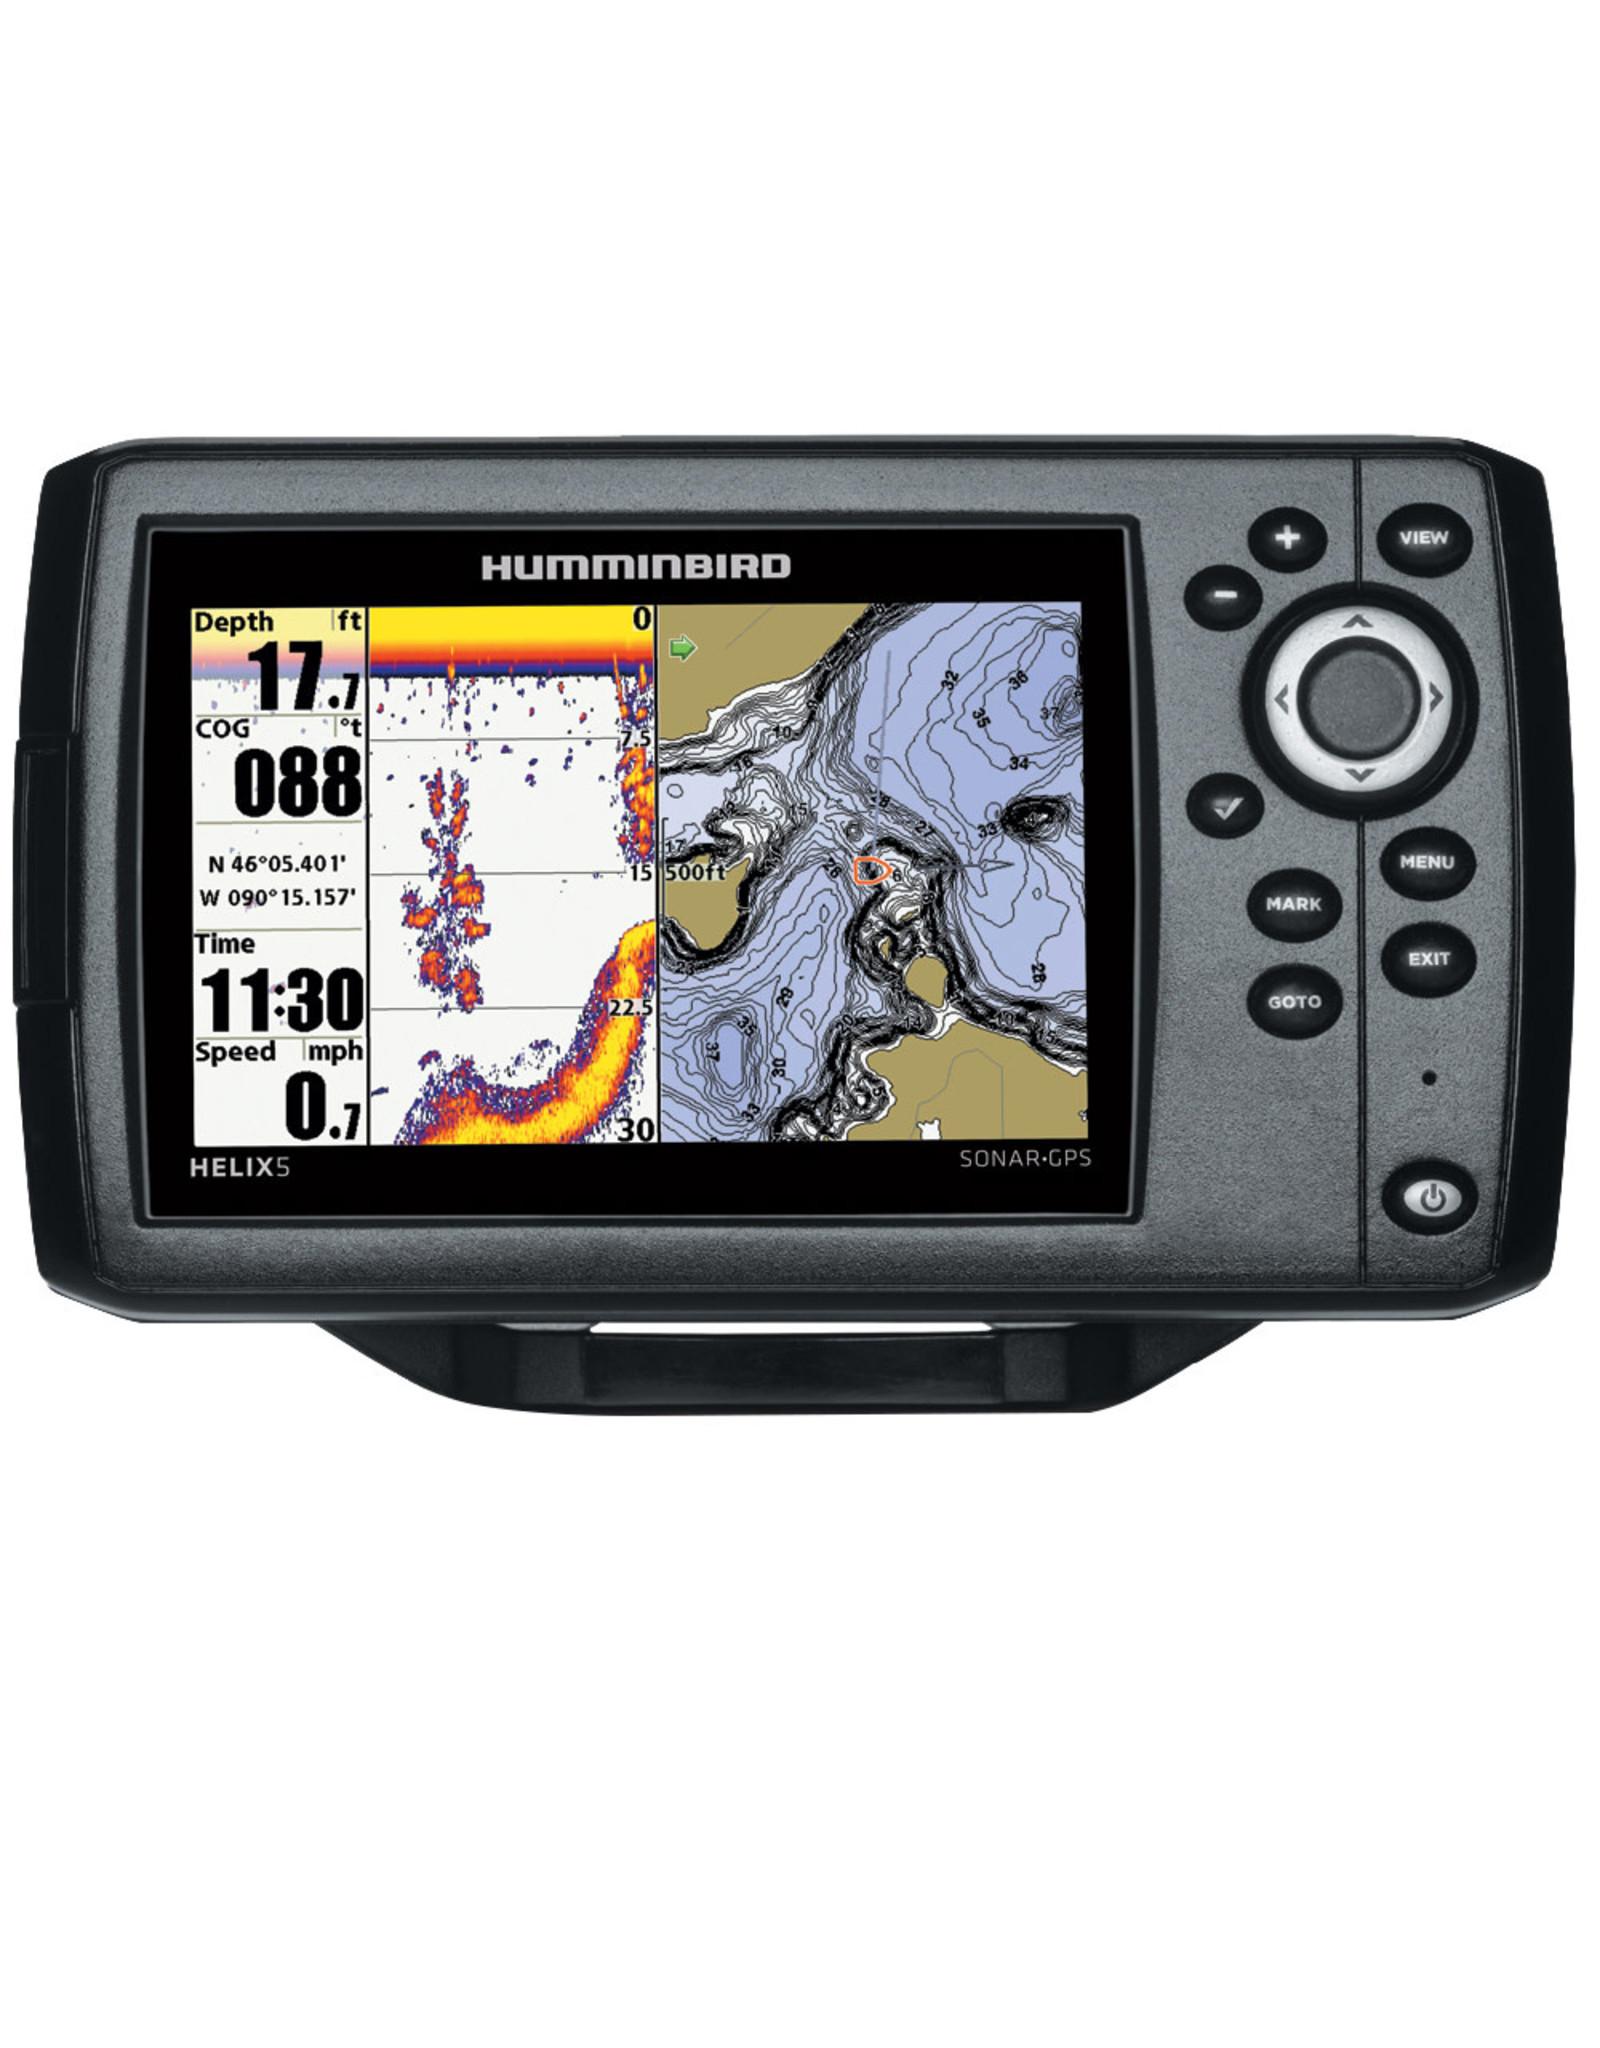 Humminbird Humminbird HELIX 5 G2 Chirp Sonar/GPS Combo